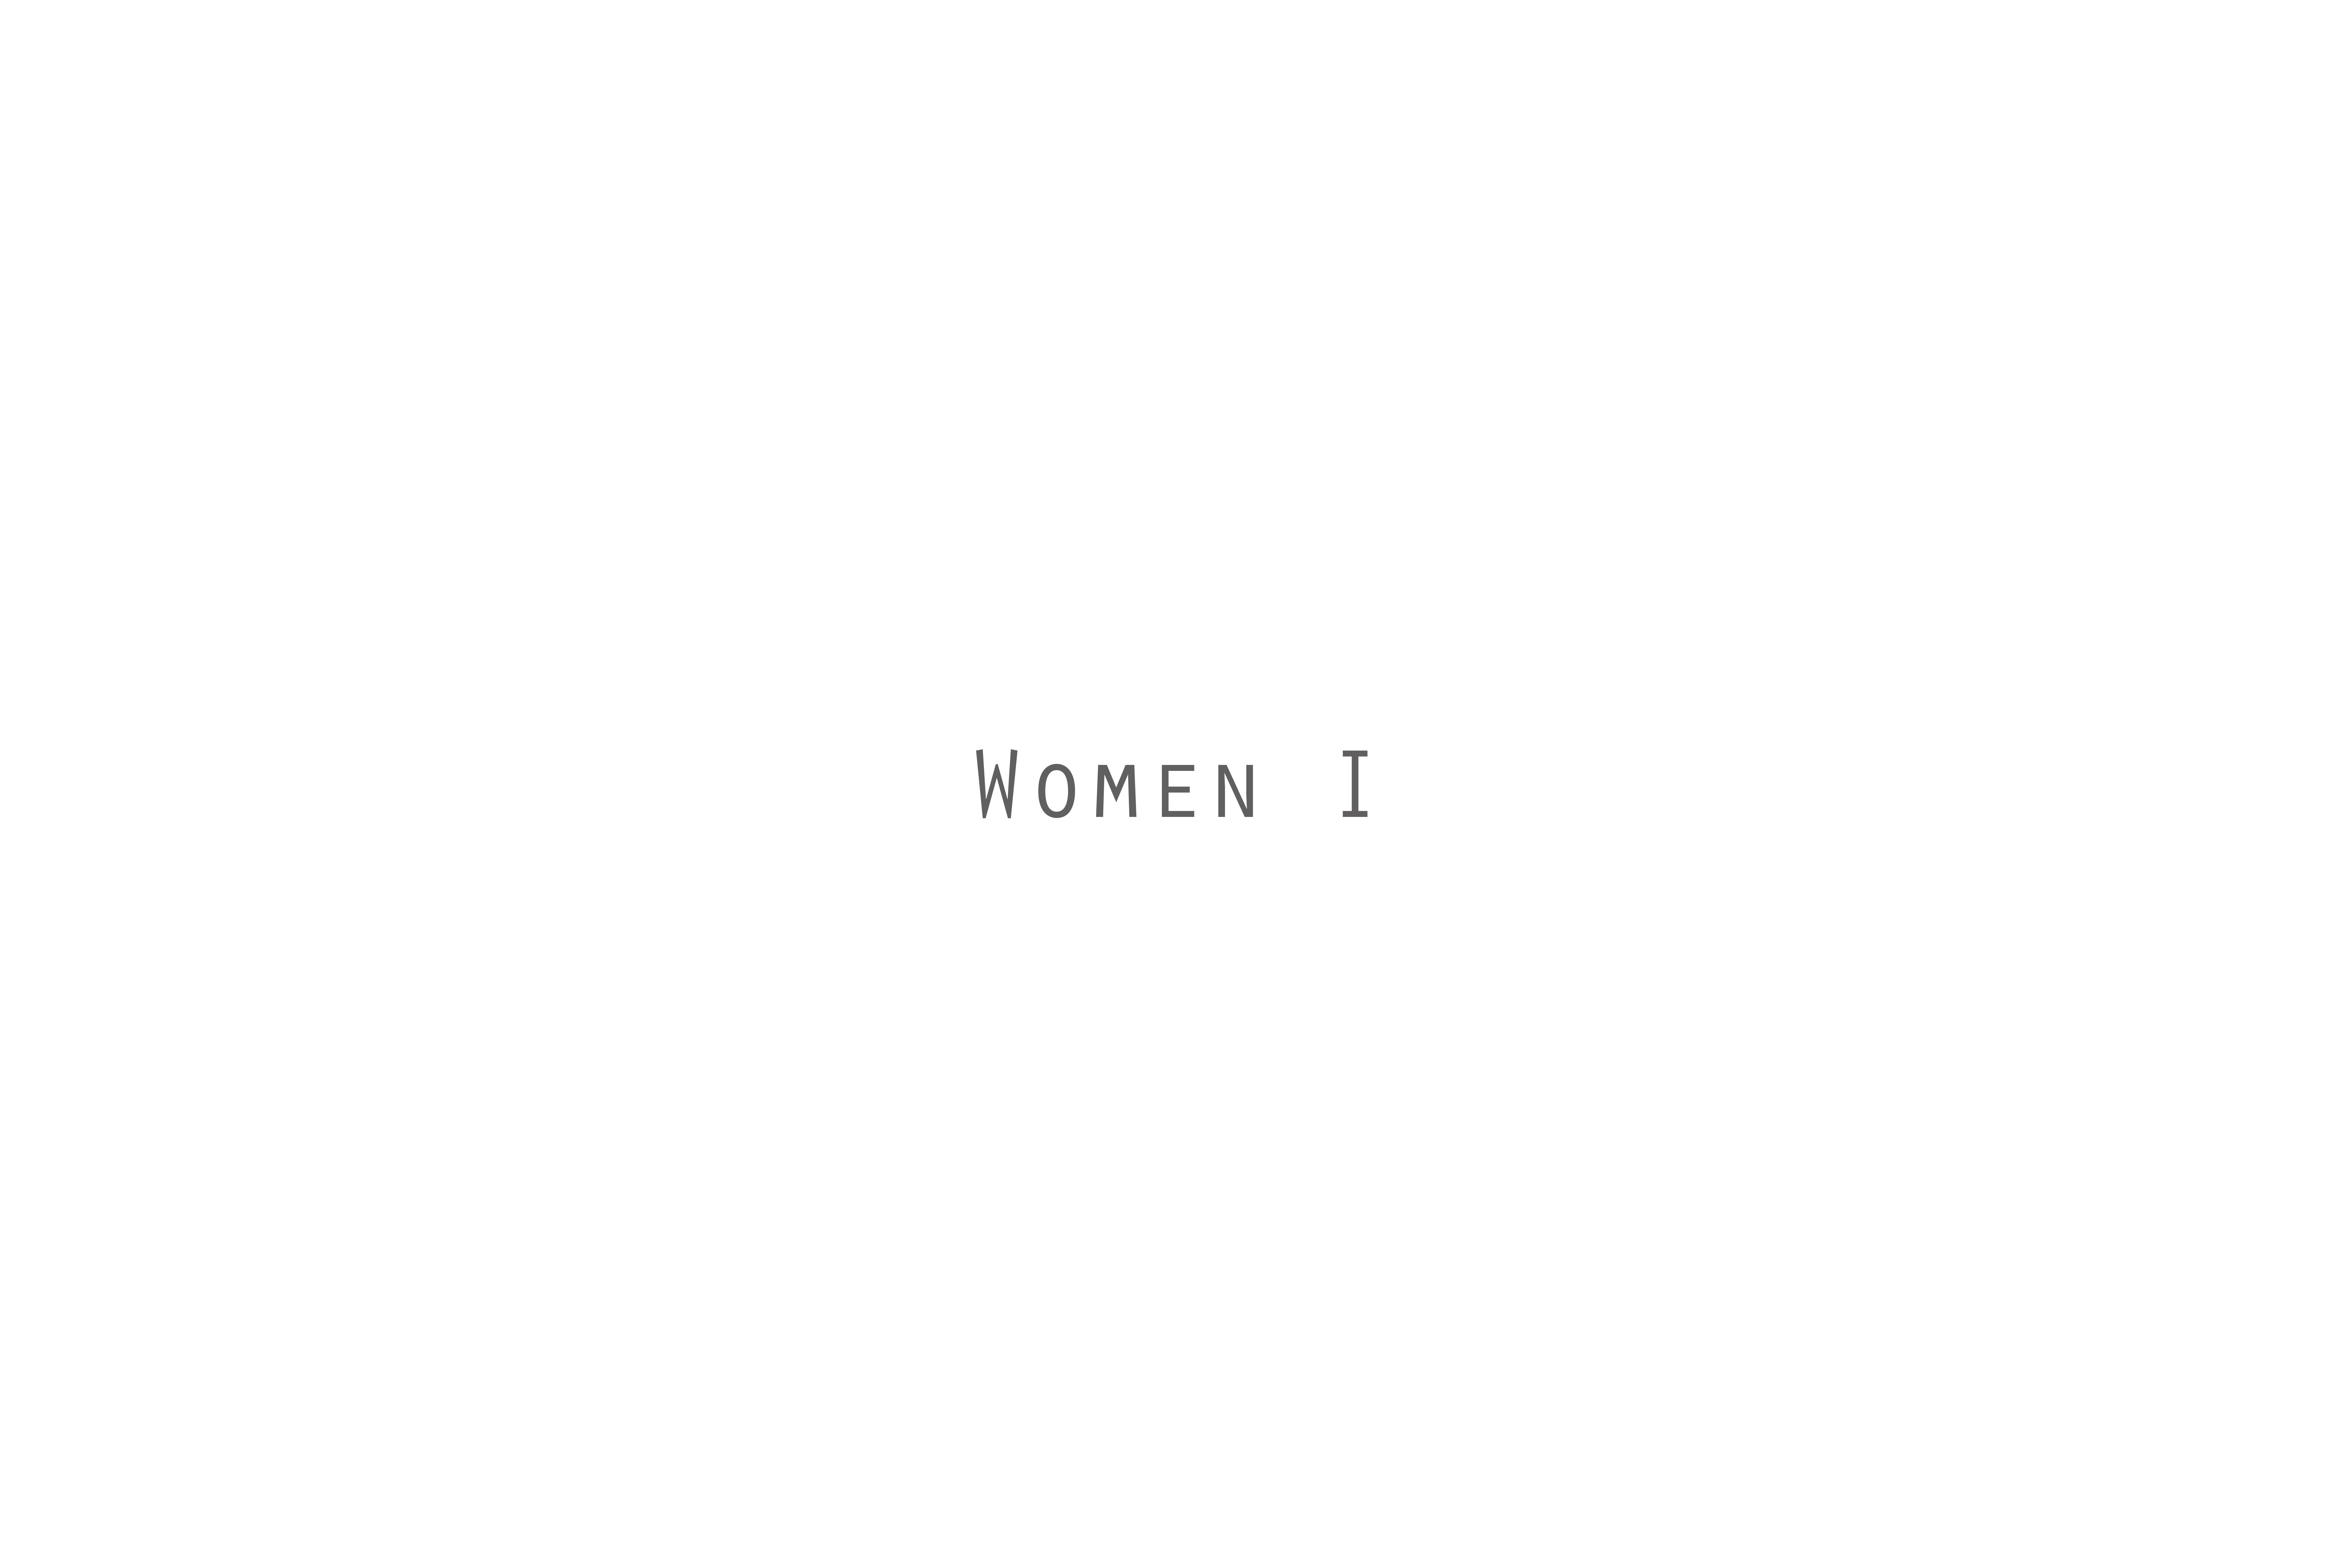 WOMEN I